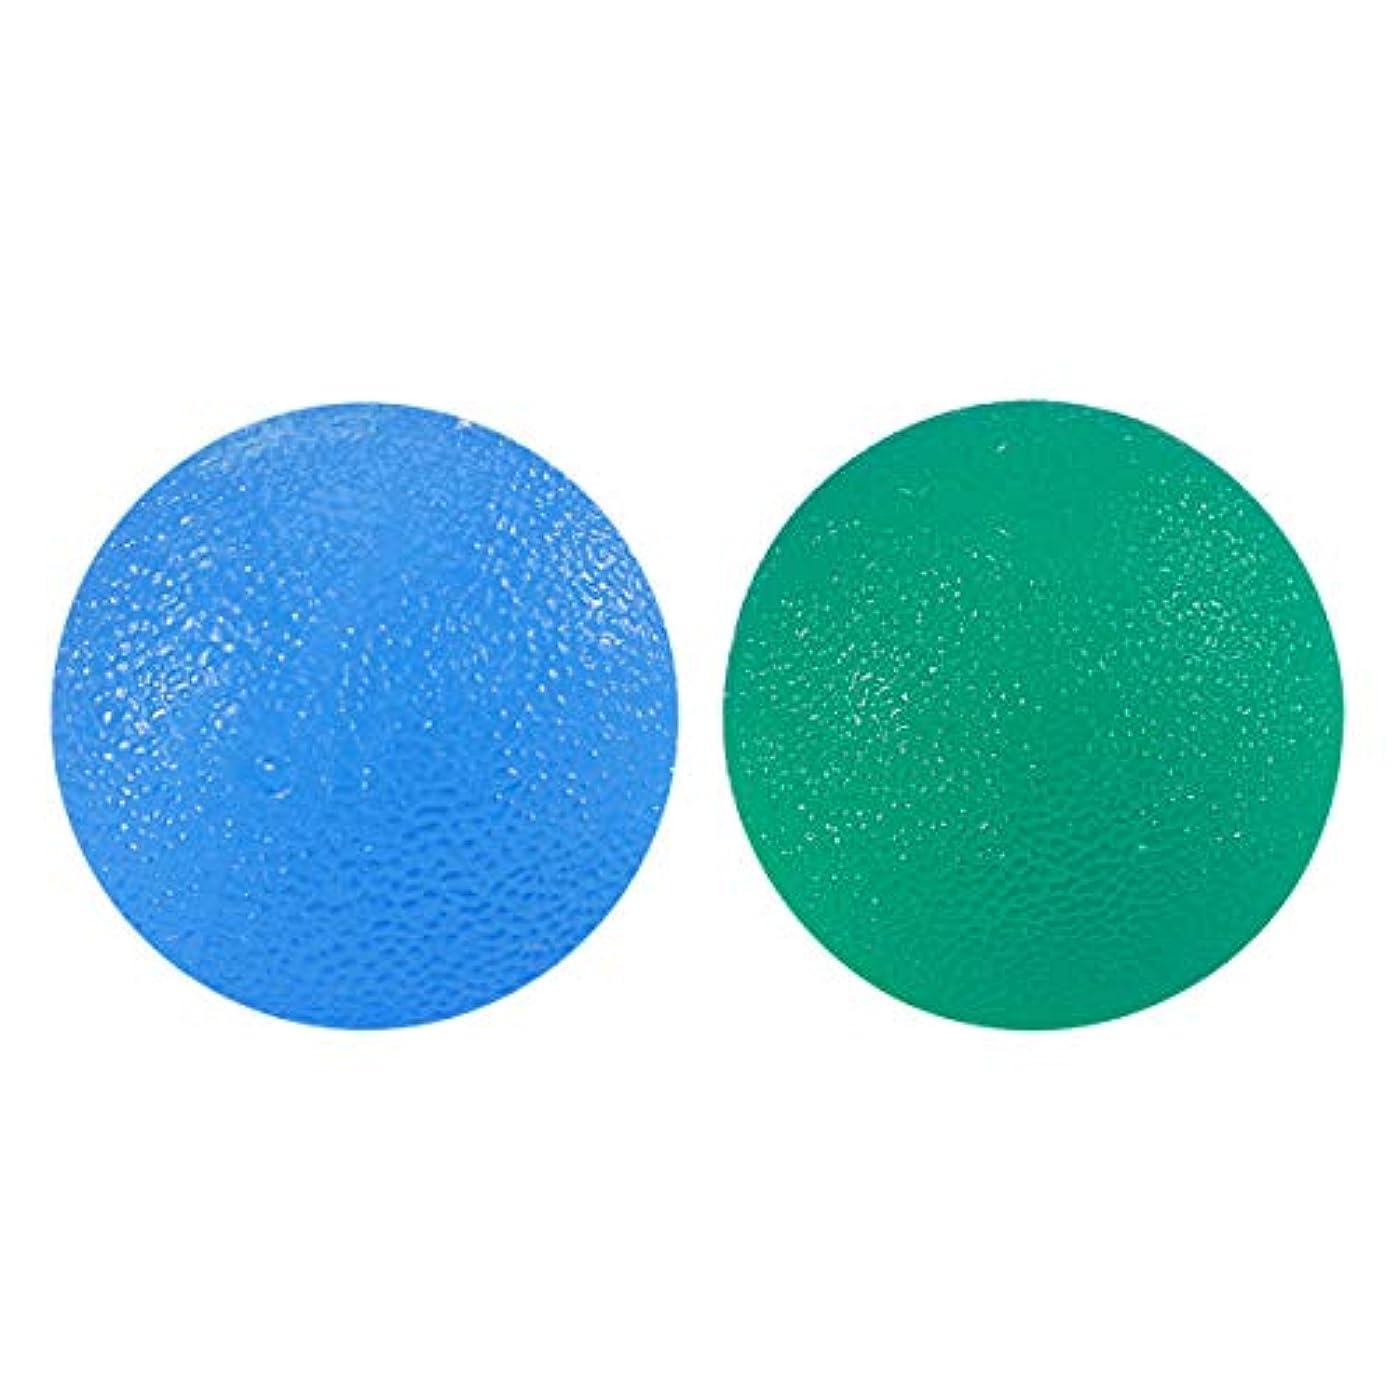 ドラマ側面折HEALIFTY 2本の中国の健康運動マッサージボールのストレスは、手の運動(緑と青)